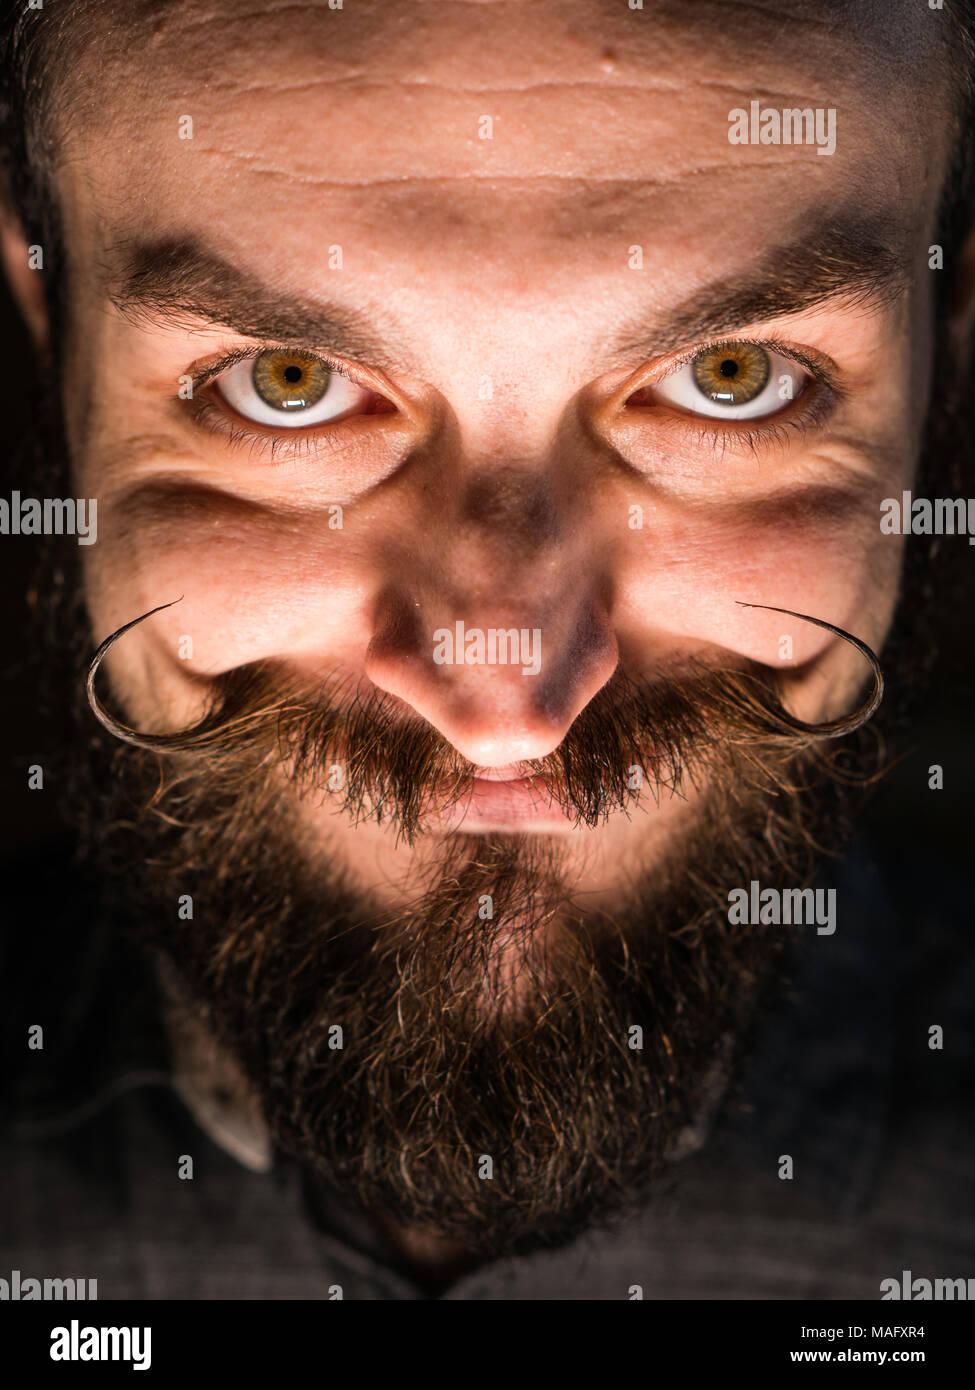 Inventor Hipster con barba y Mustages en el cuarto oscuro. Embaucador sonriente. Imagen De Stock